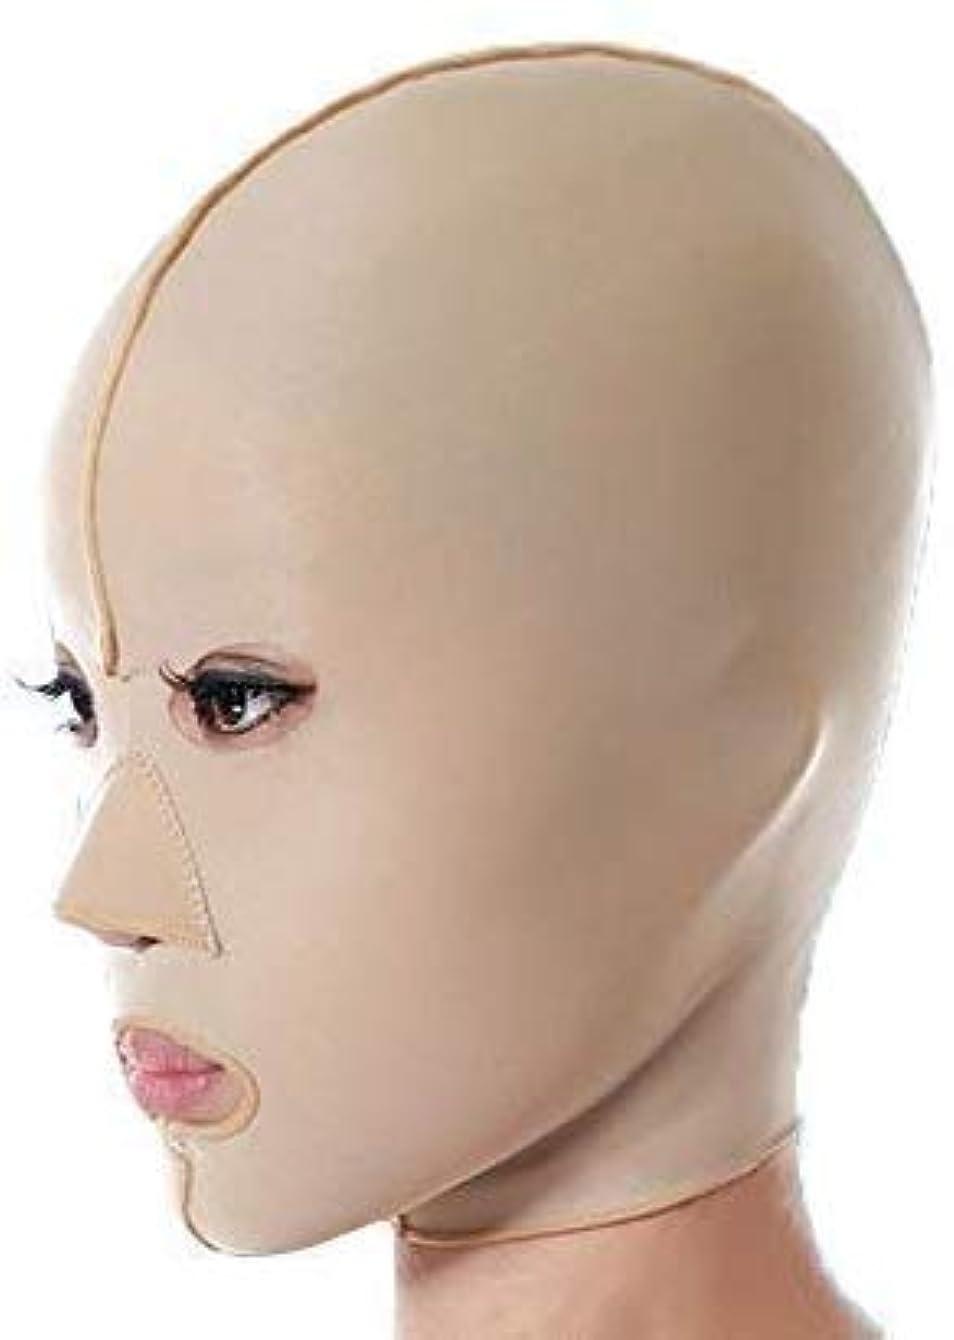 怠けた胚かわす美容と実用的なファーミングフェイスマスク、フェイシャルマスク医学強力なフェイスマスクアーティファクト美容抗たるみ法パターン顔リフティングファーミングフルフェイスマスク(サイズ:M)